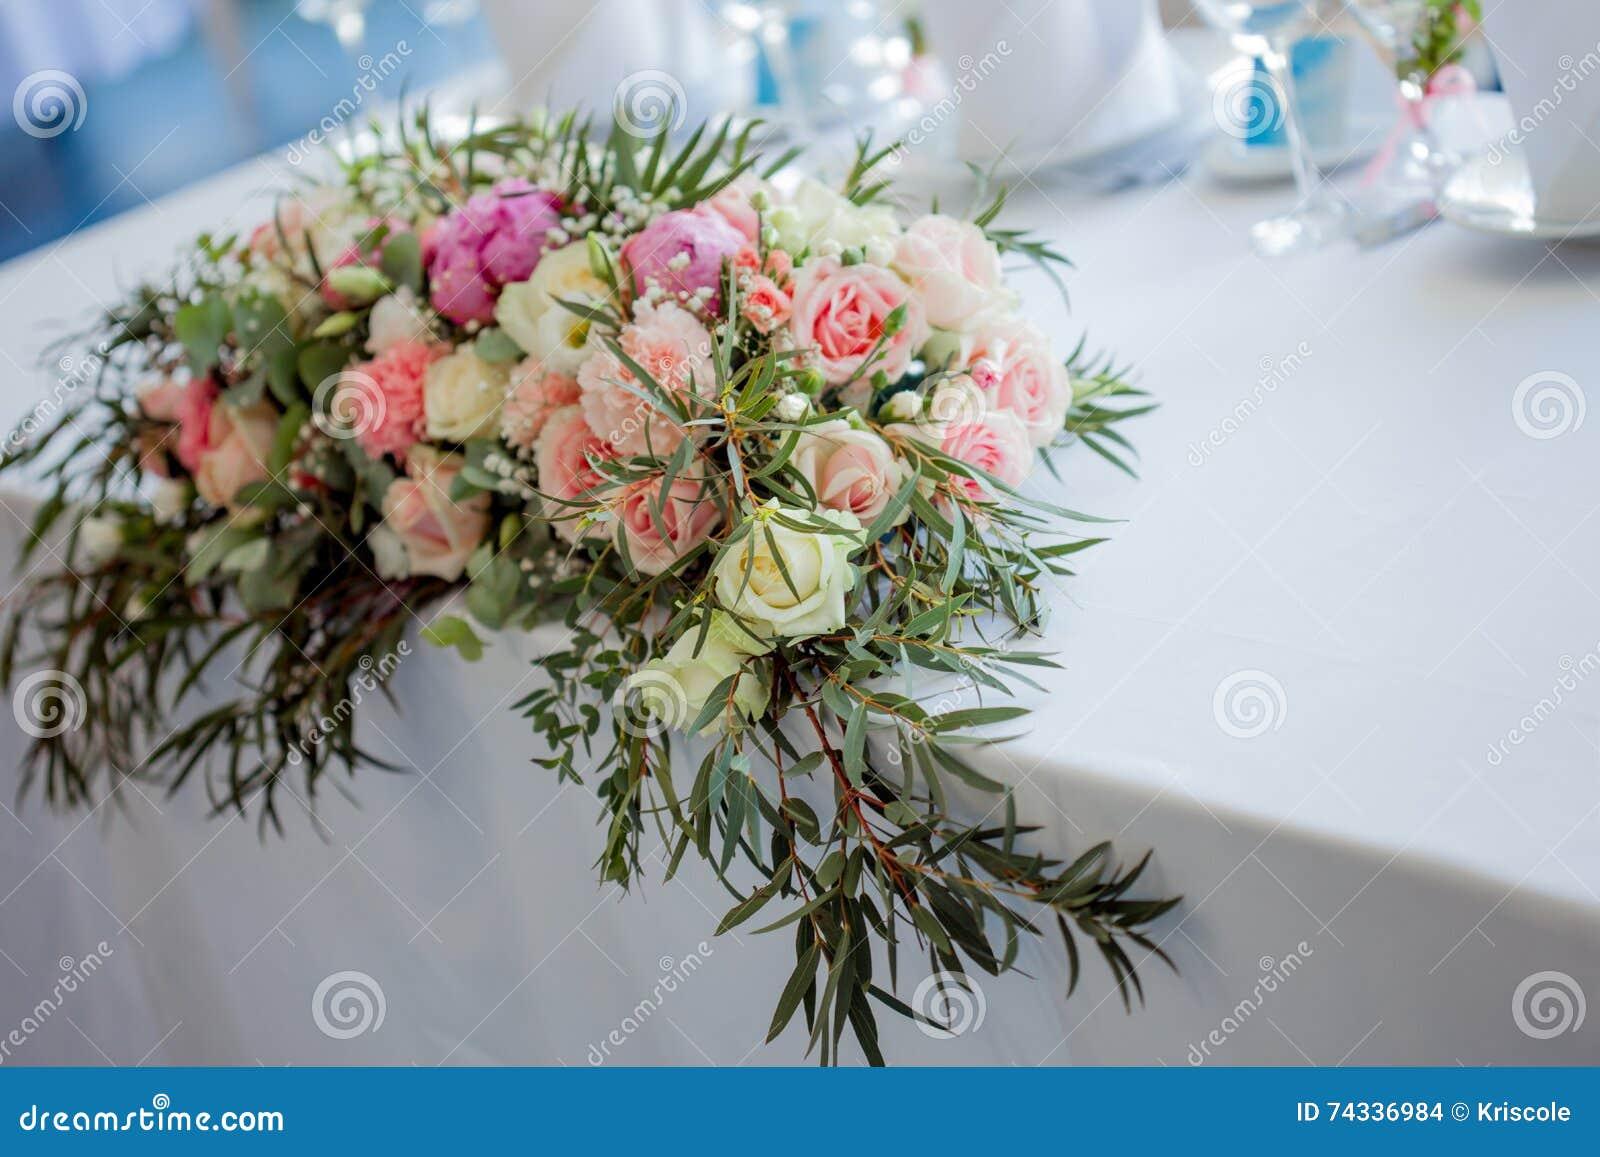 Blumenanordnung Auf Dem Tisch Blumen Und Weisse Tischdecke Hochzeit